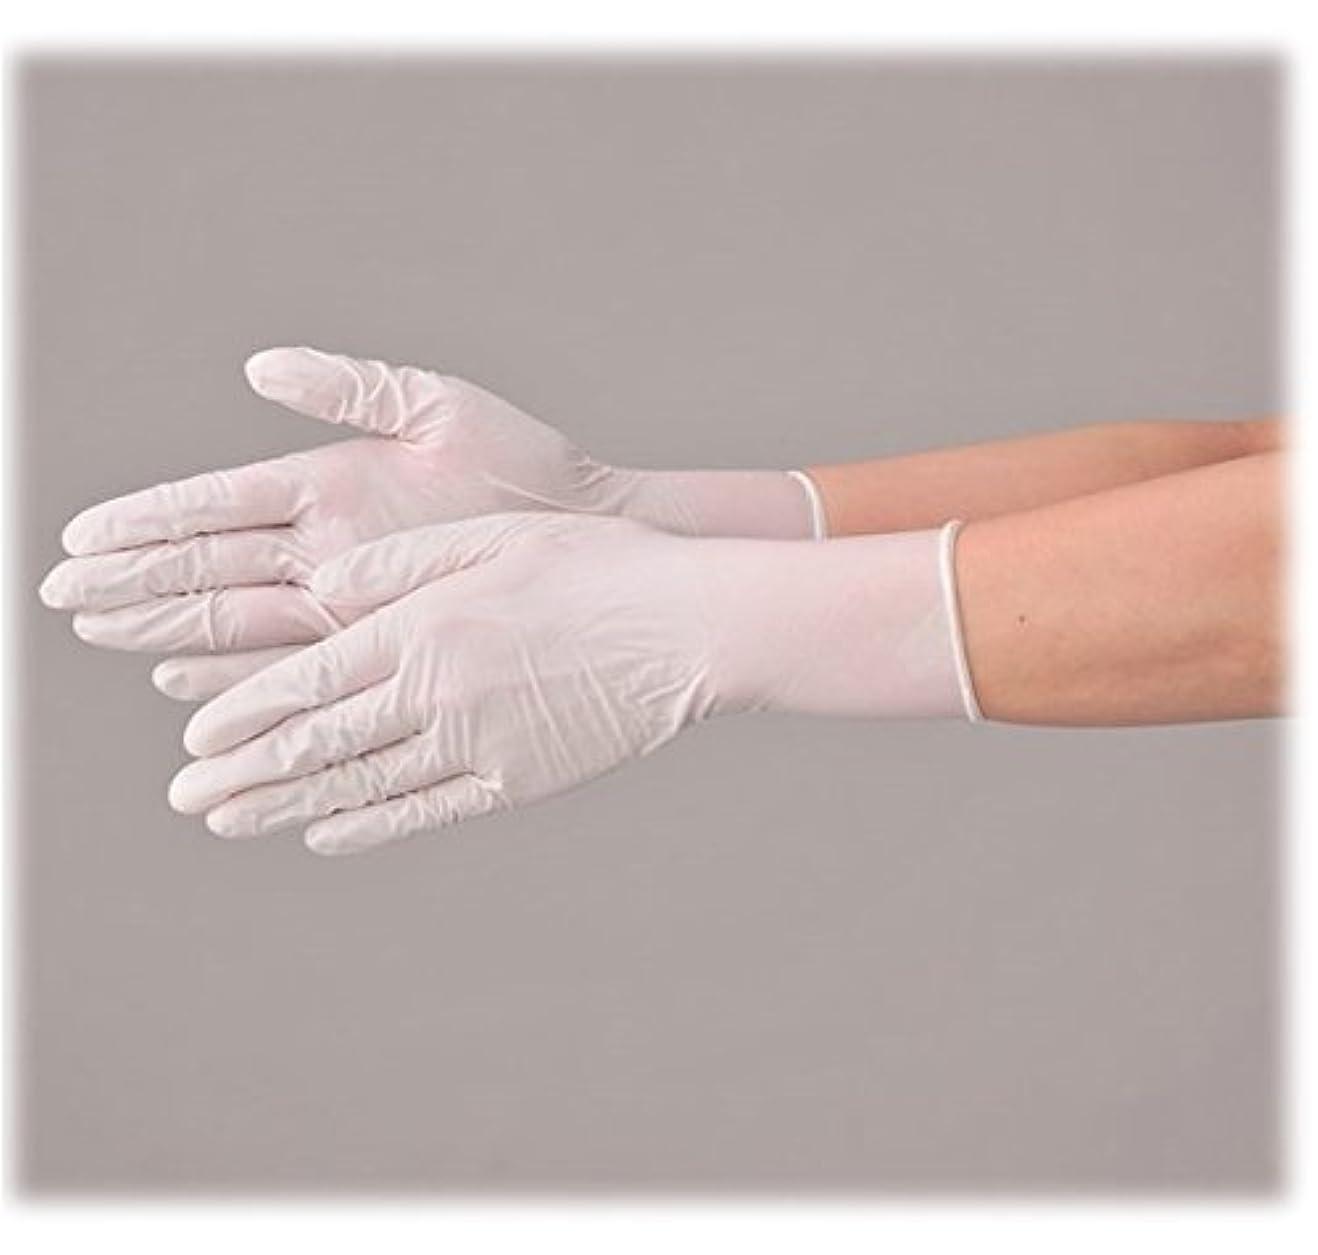 拾うイライラする国家使い捨て 手袋 エブノ 513 ニトリル極薄手袋 ホワイト Lサイズ 2ケース(100枚×40箱)